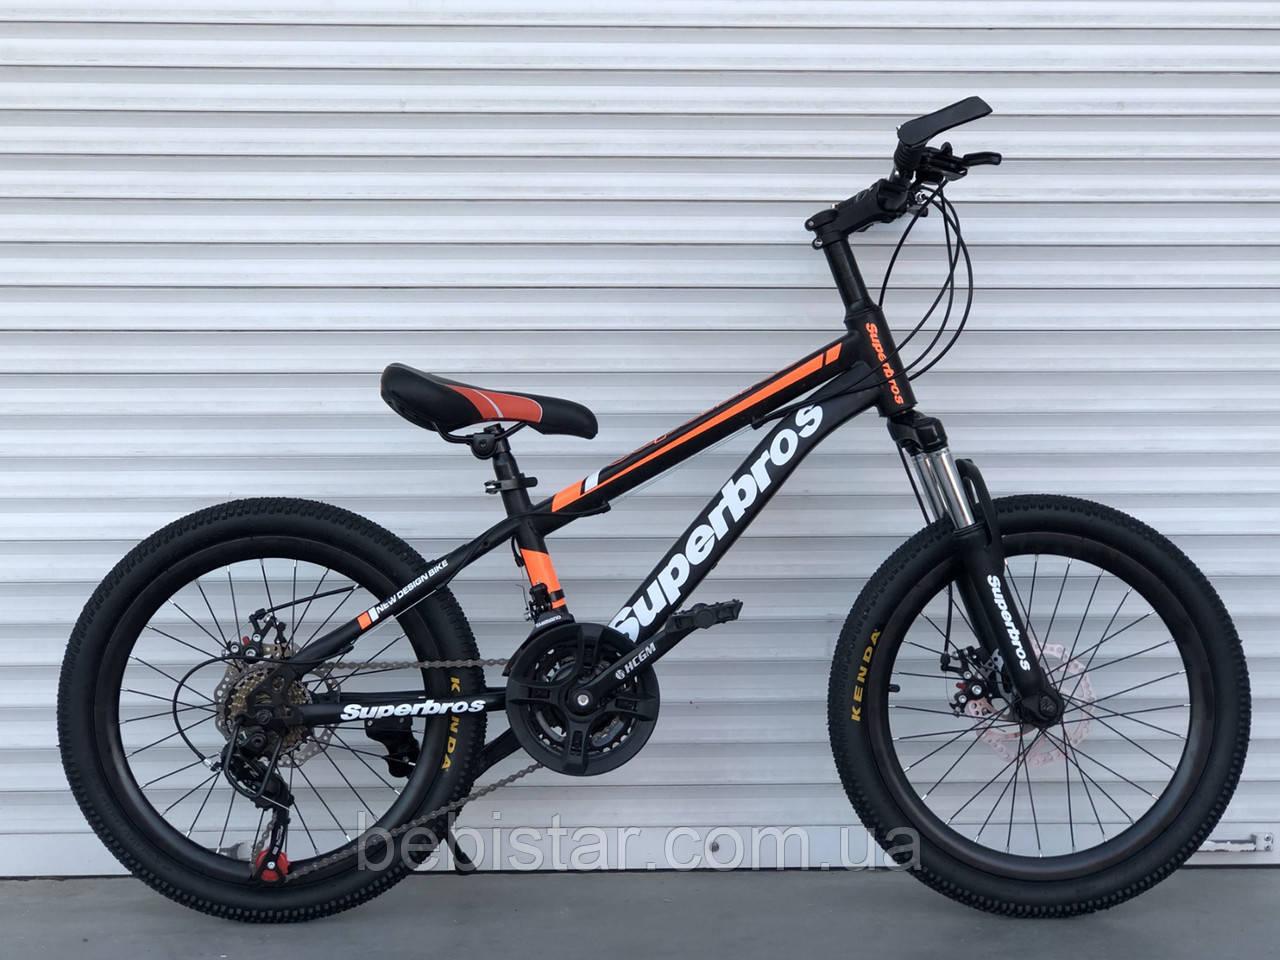 Спортивный велосипед TopRider 20 дюймов оранжевый 21 скорость металлическая рама детям от 5 лет рост от 115 см